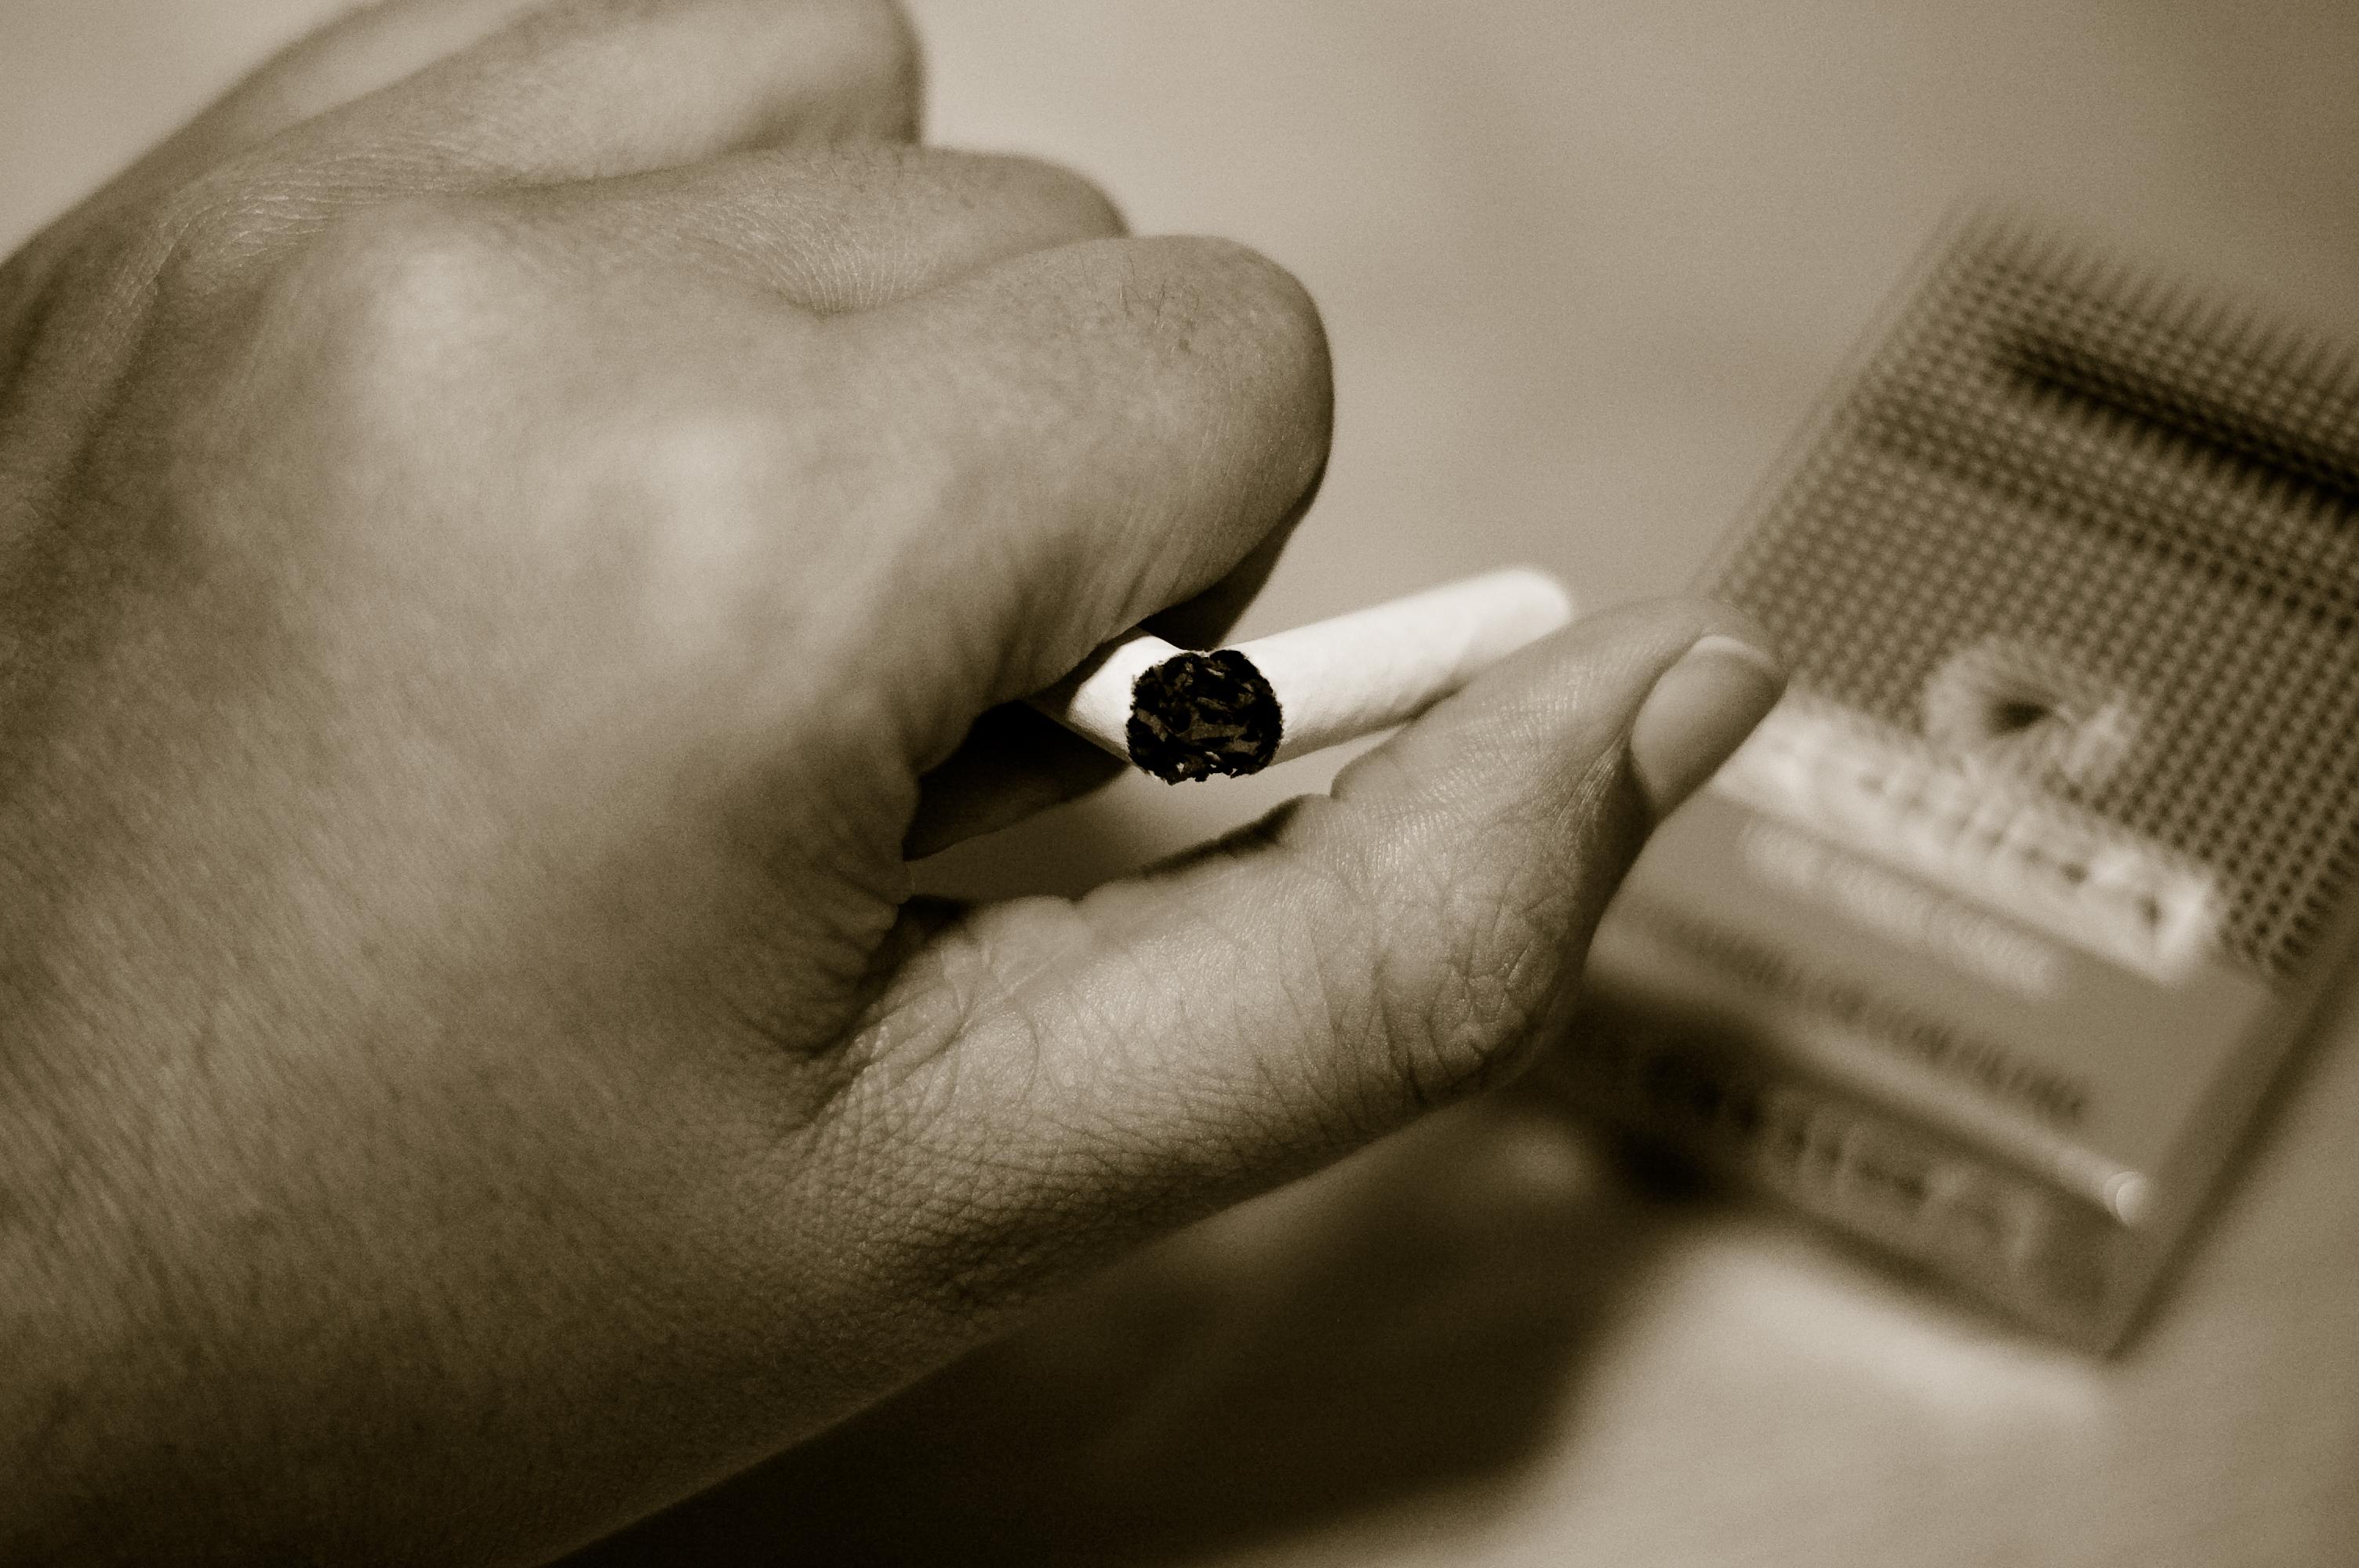 Rauchen aufhoren ganz gut luft bekommen